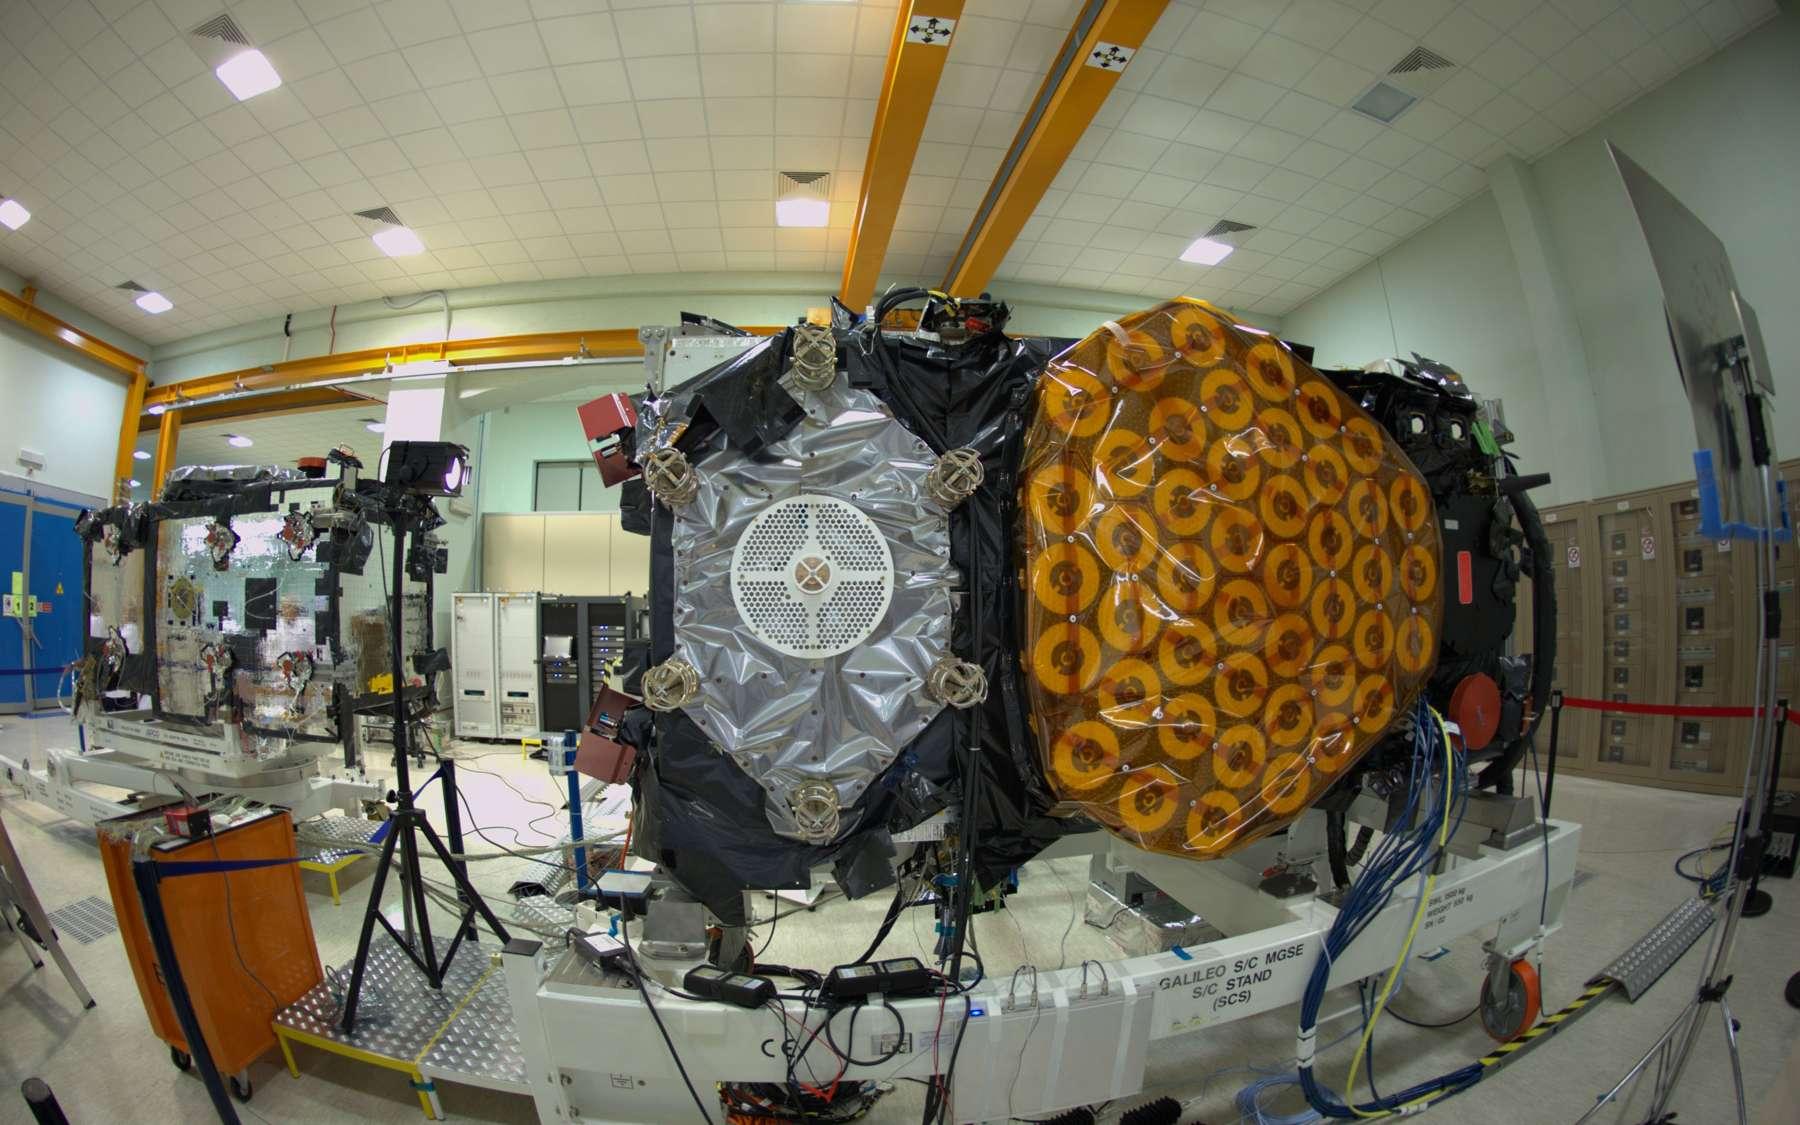 Construit sous la maîtrise d'œuvre d'Astrium, un des quatre satellites IOV, ici vu dans l'usine turinoise de Thales Alenia Space, en juin 2012. © Rémy Decourt, Futura-Sciences